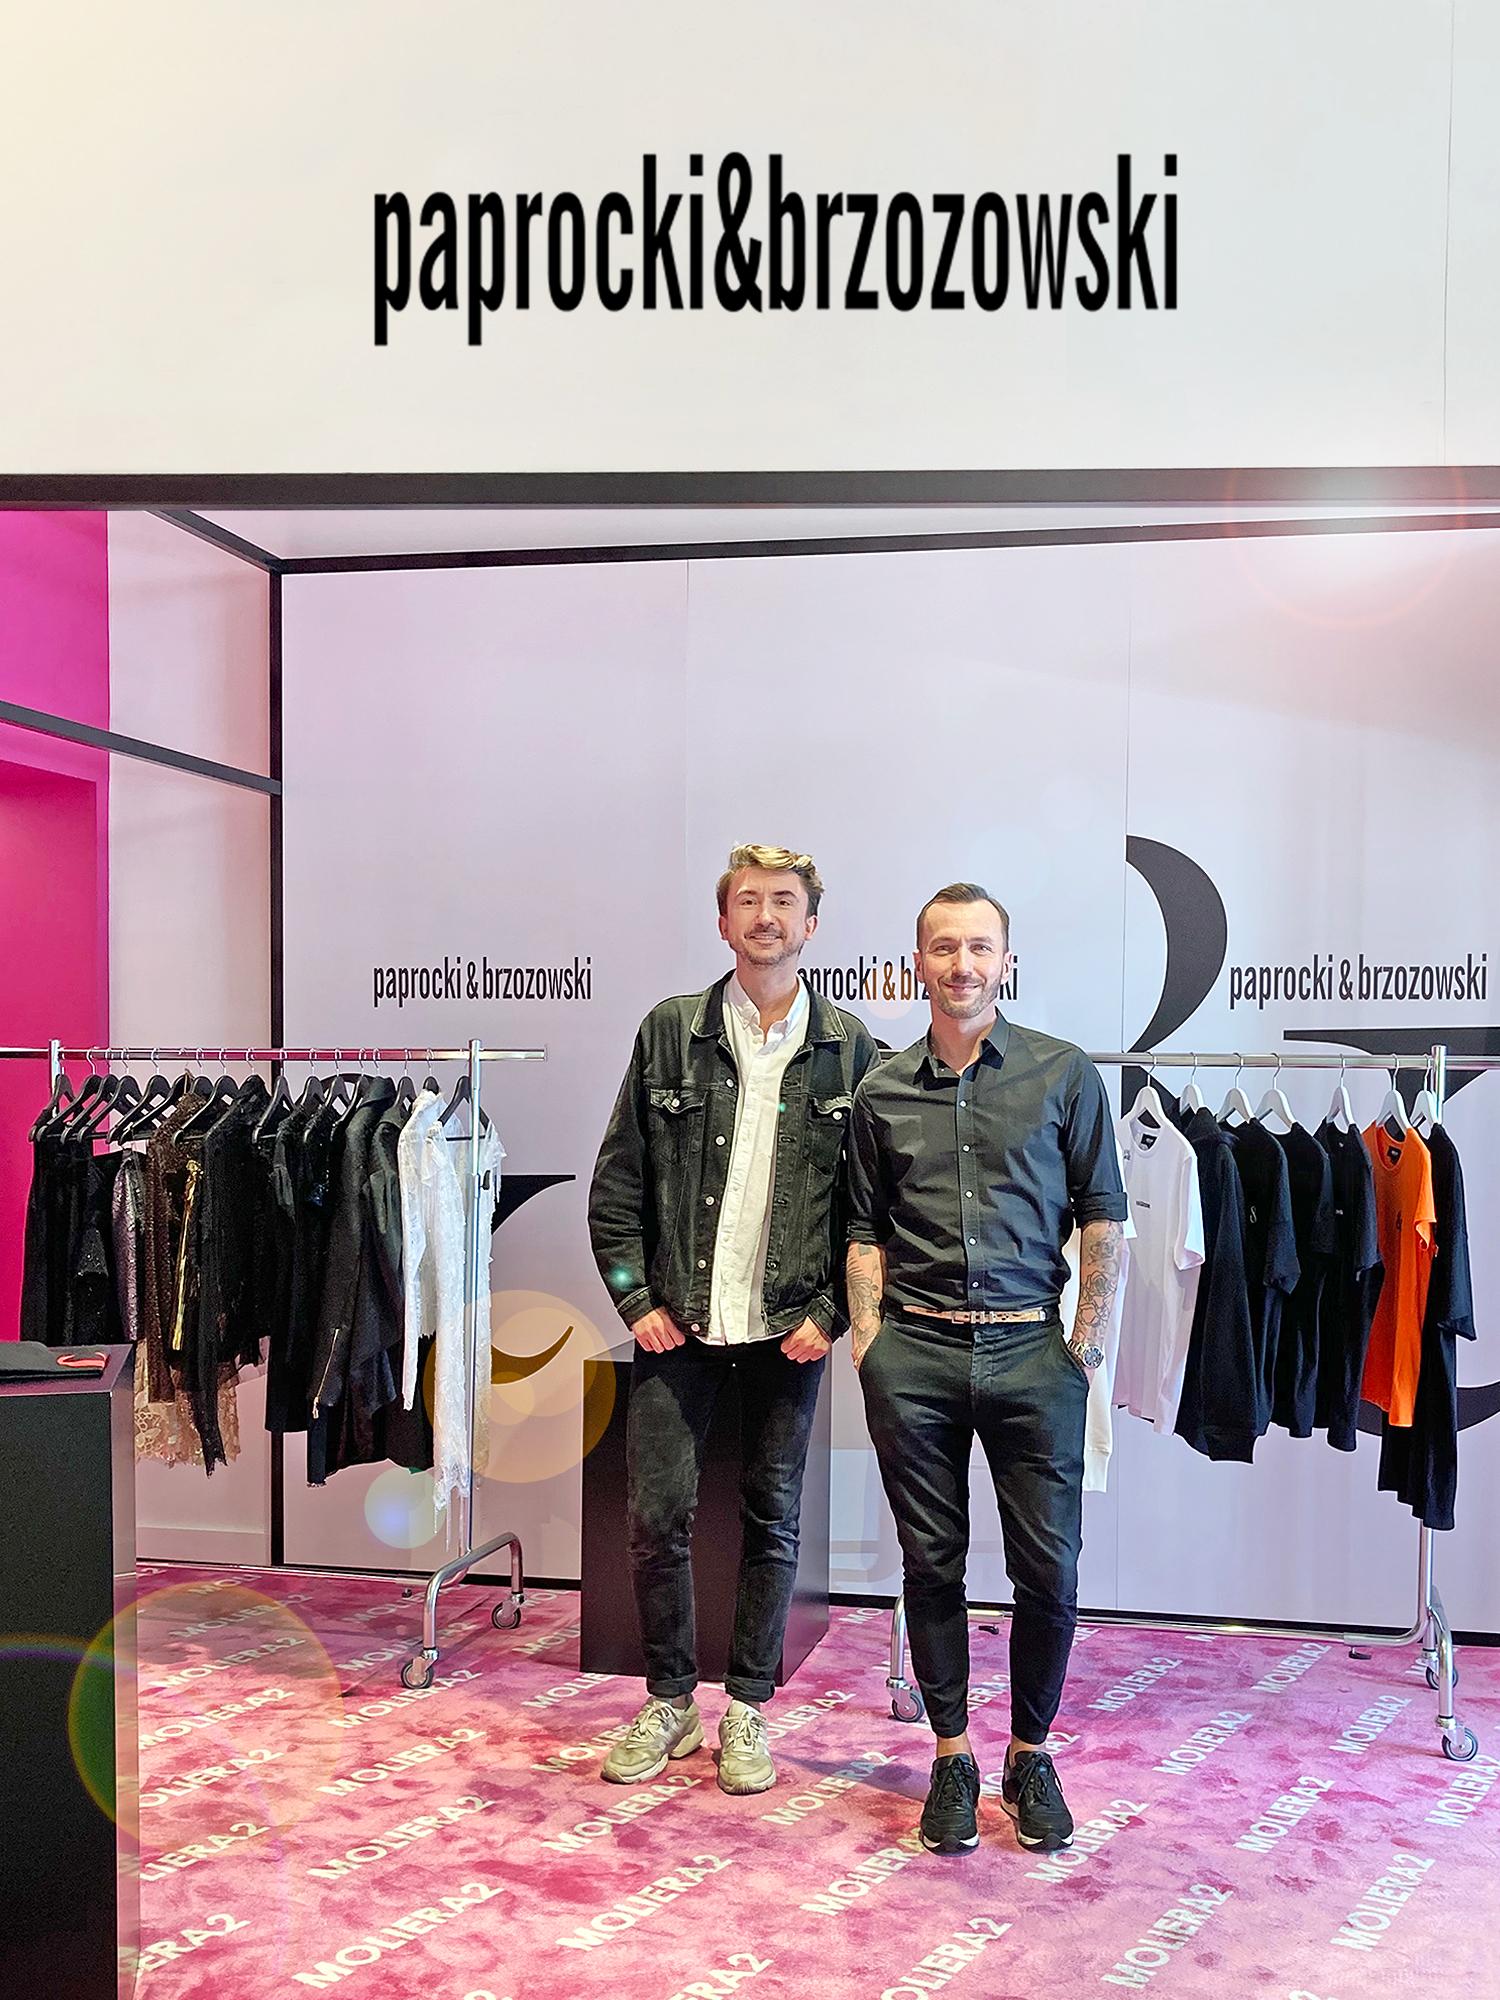 Duet Paprocki&Brzozowski